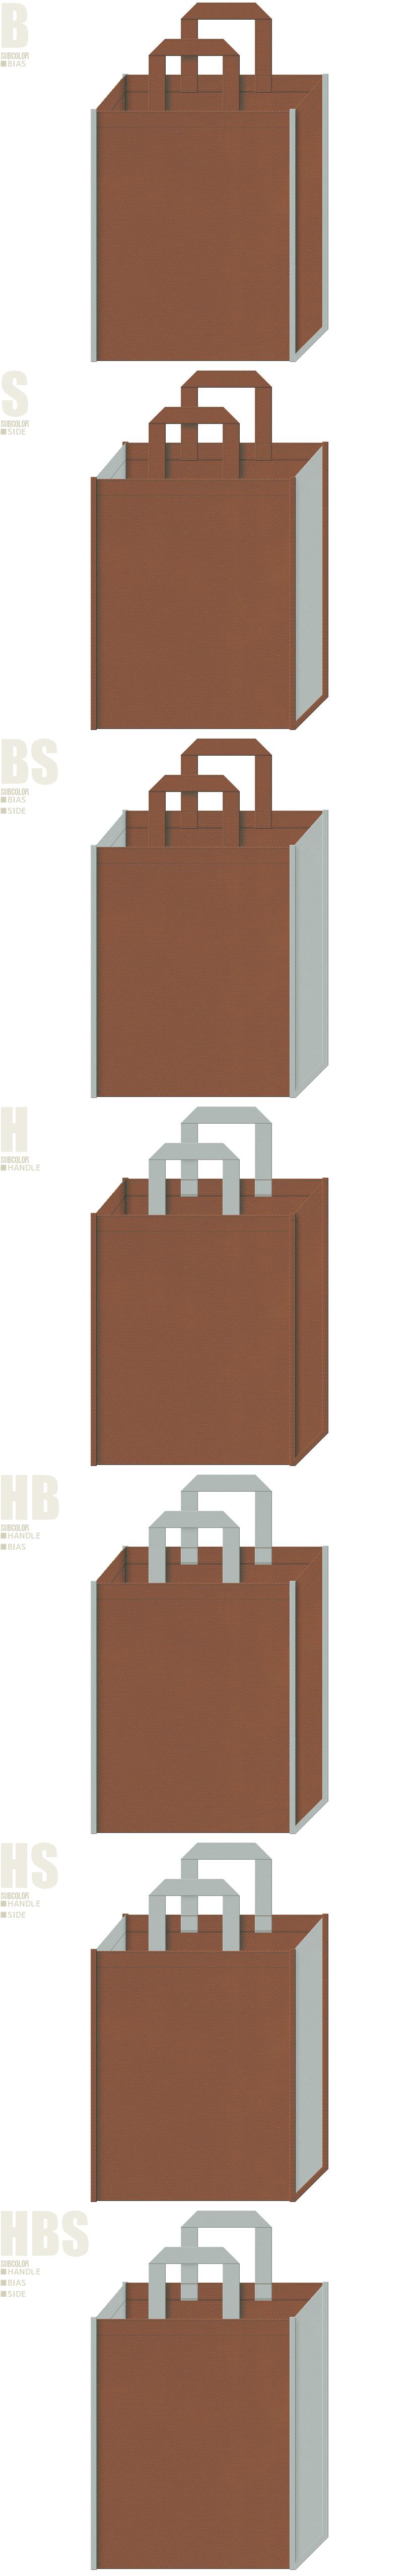 茶色とグレー色、7パターンの不織布トートバッグ配色デザイン例。